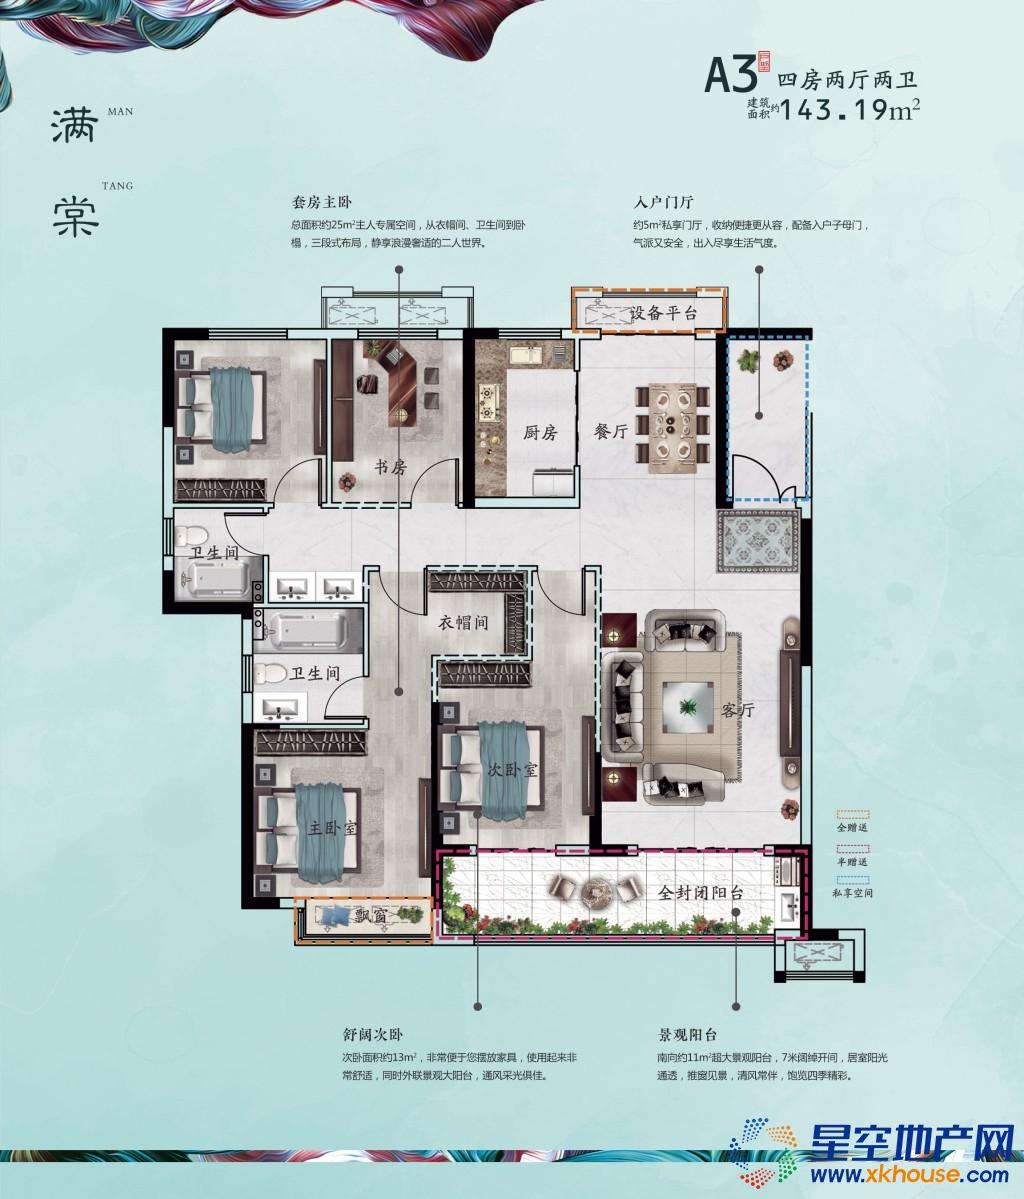 可津海棠湾_4室2厅2卫1厨